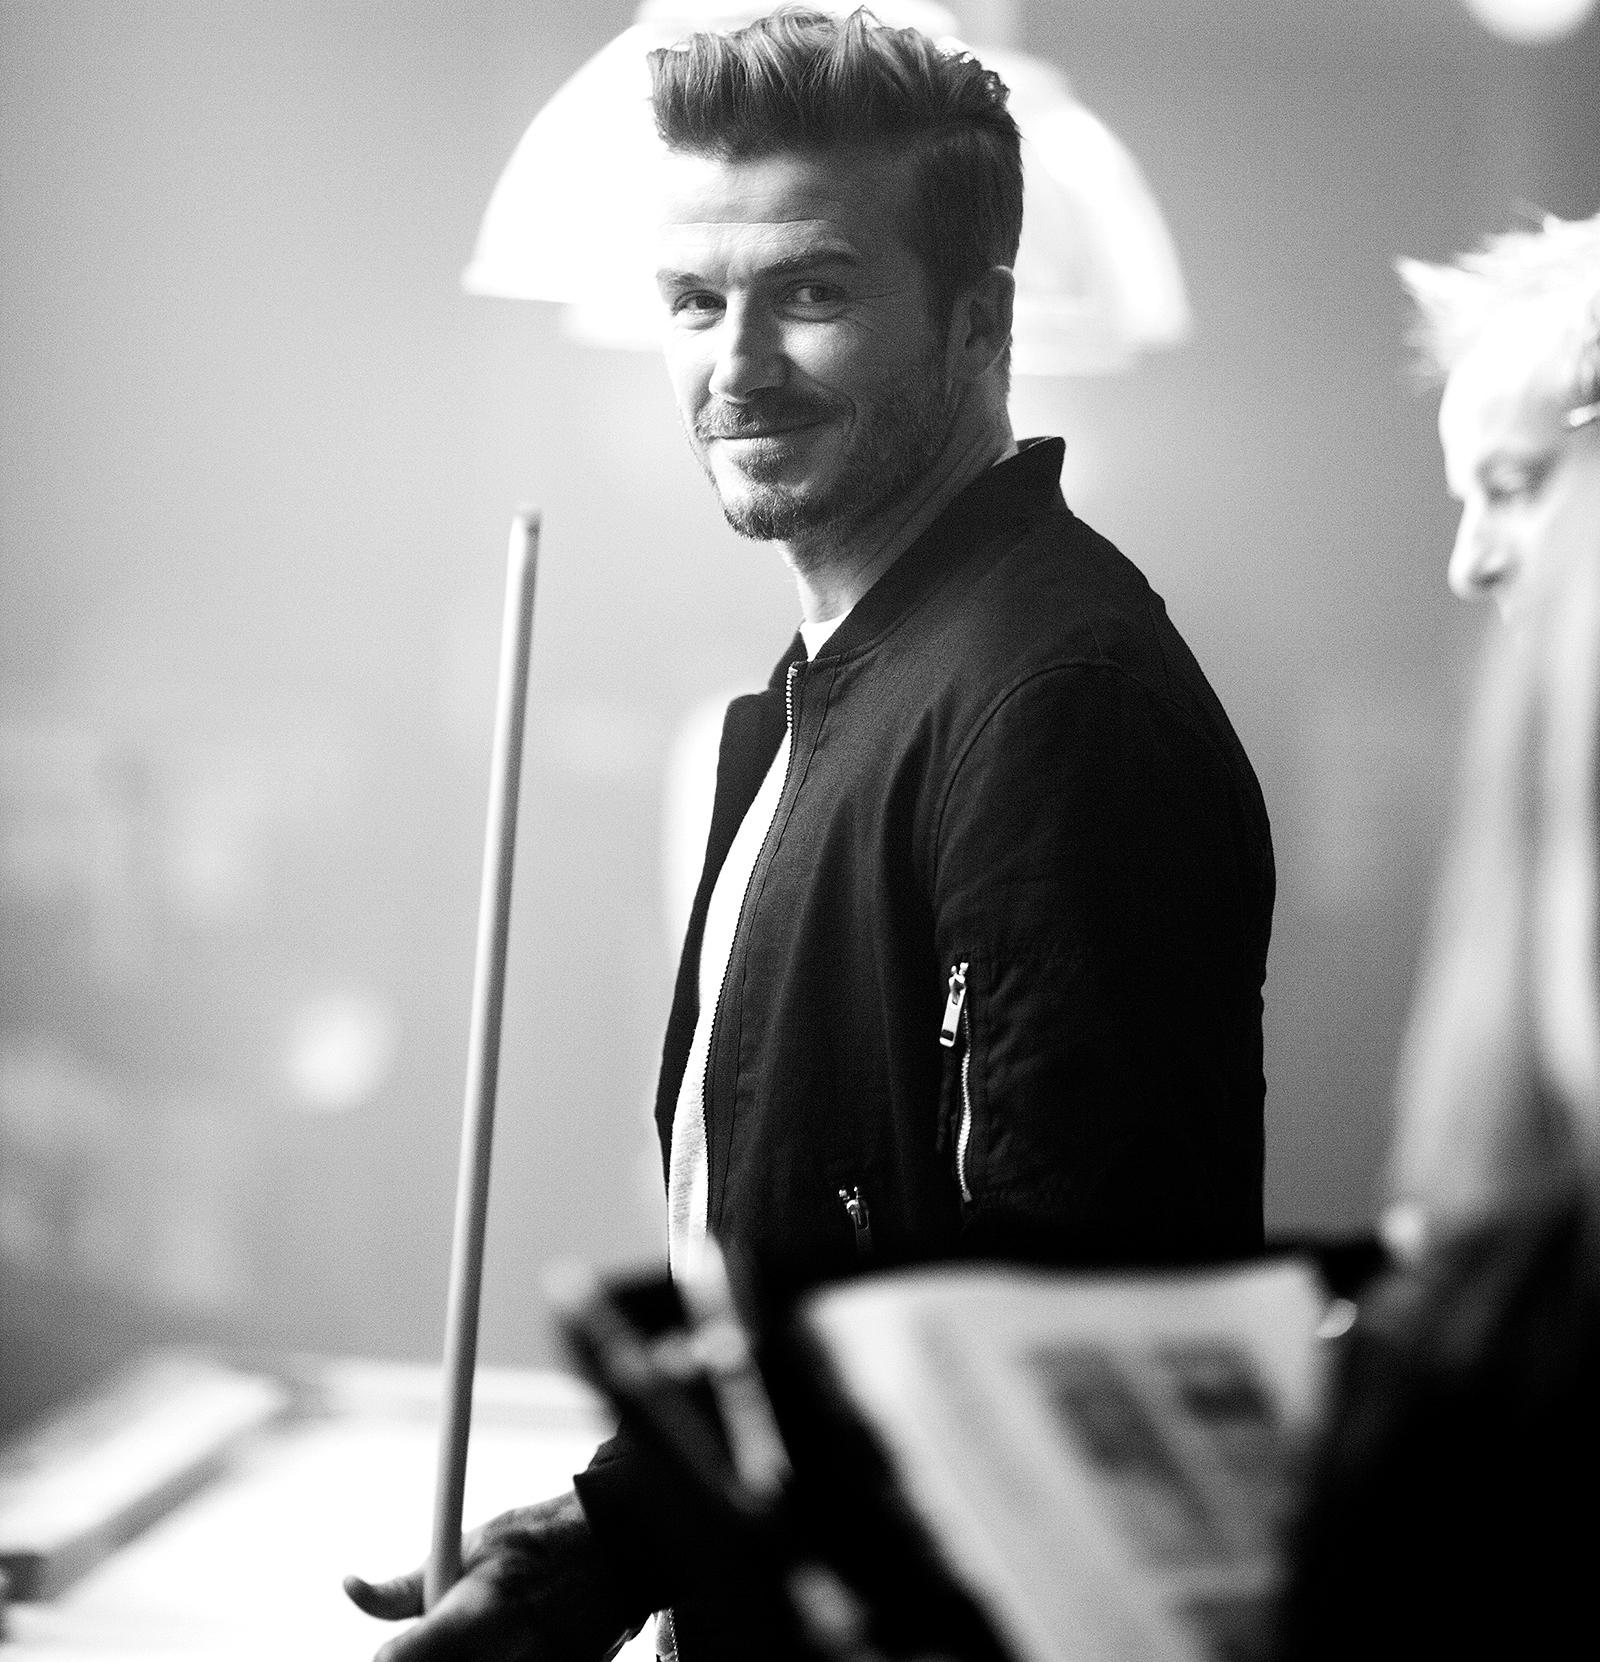 Дэвид Бекхэм снялся в новом видеоролике H&M